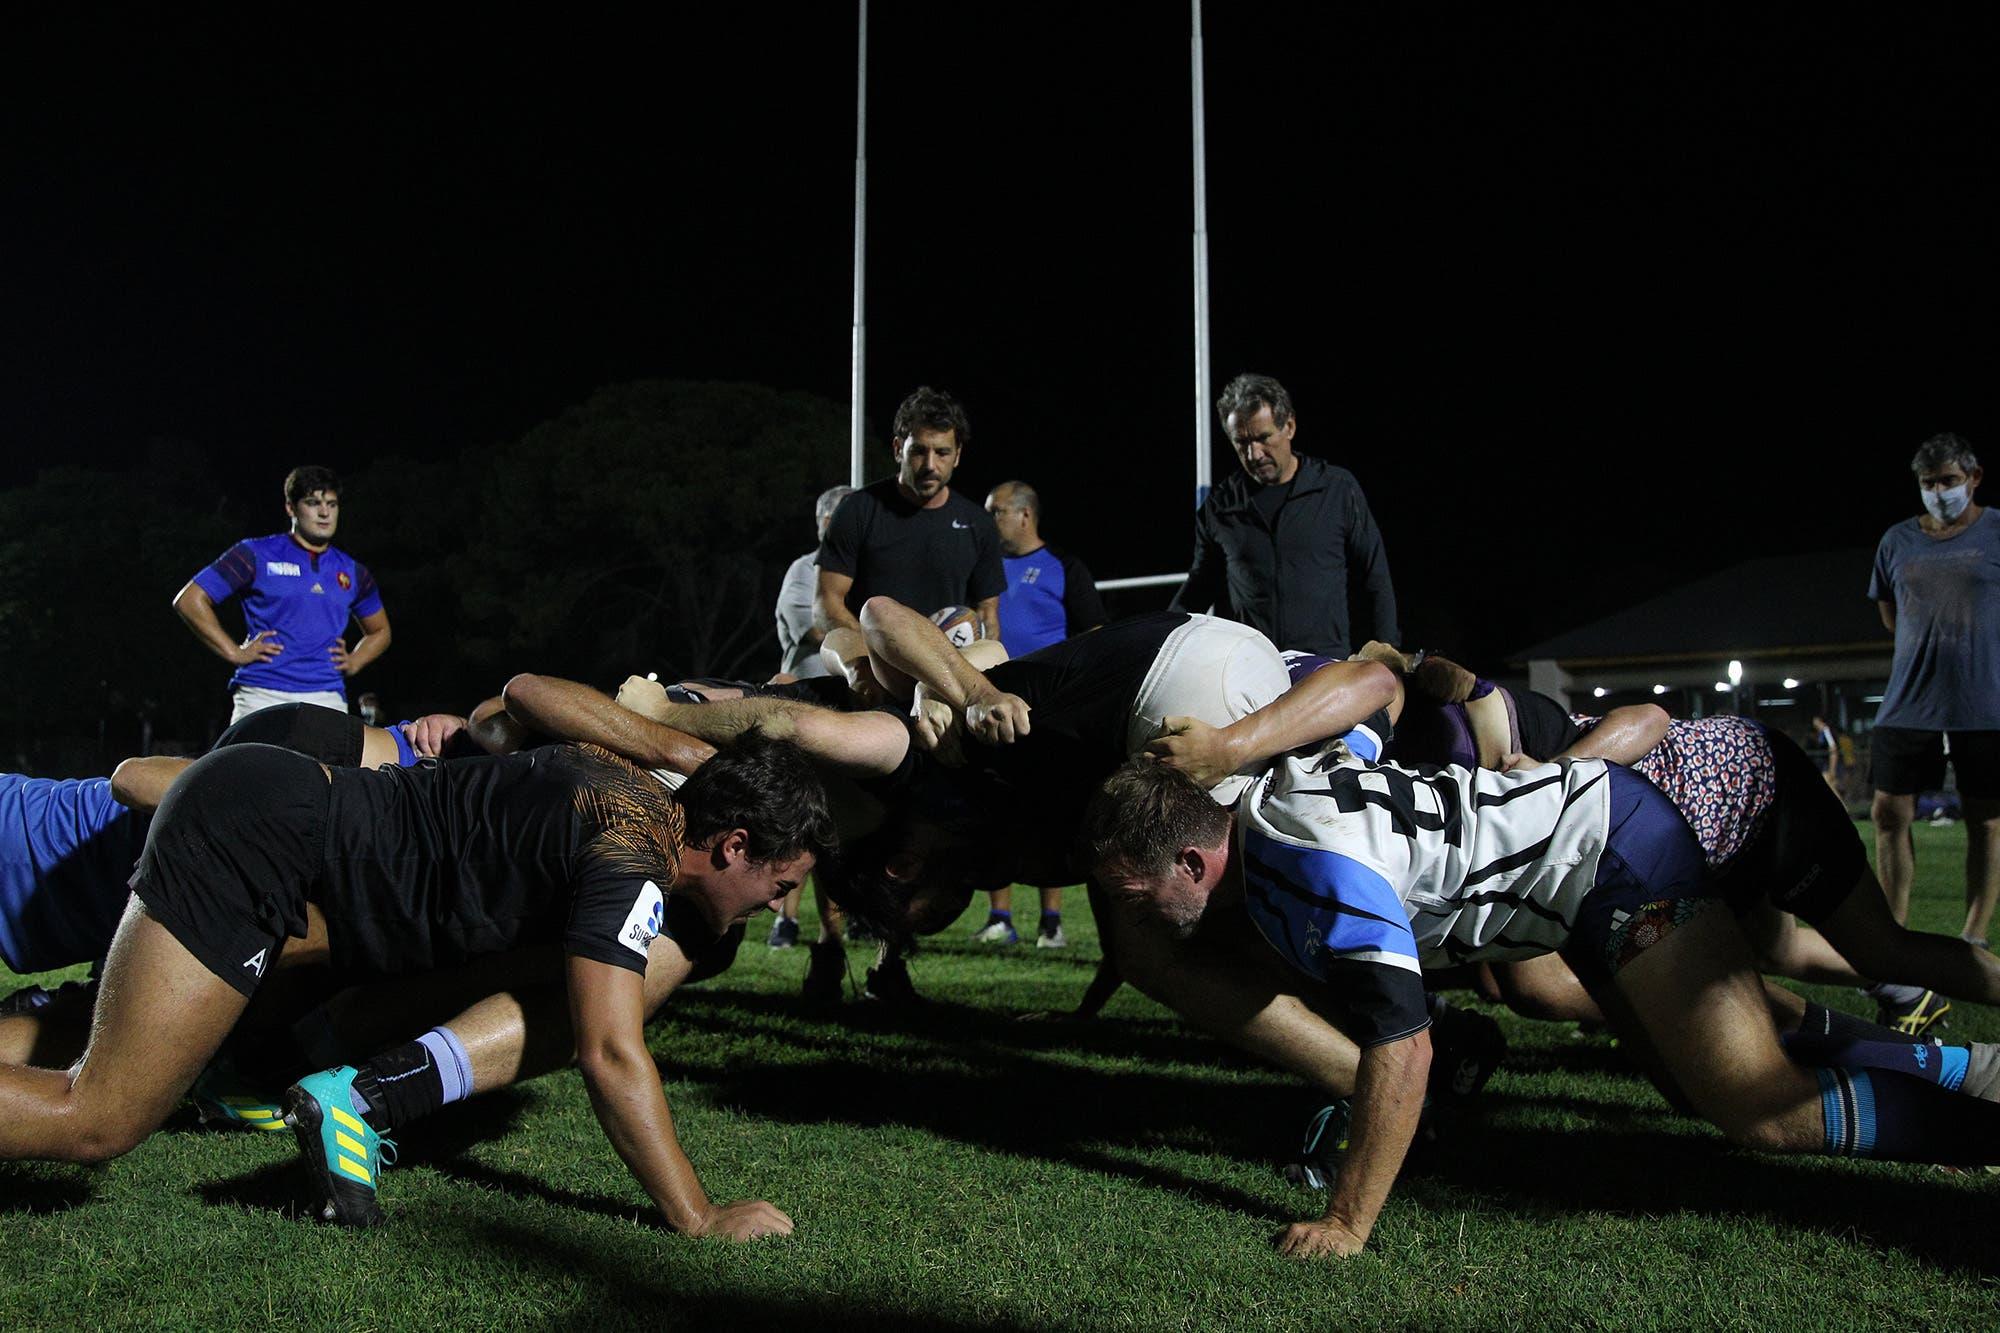 """polemica-en-el-rugby.-la-decision-de-la-uar-del-""""simulacro-de-scrum""""-agito-las-aguas:-argumentos-y-quejas-por-la-medida"""